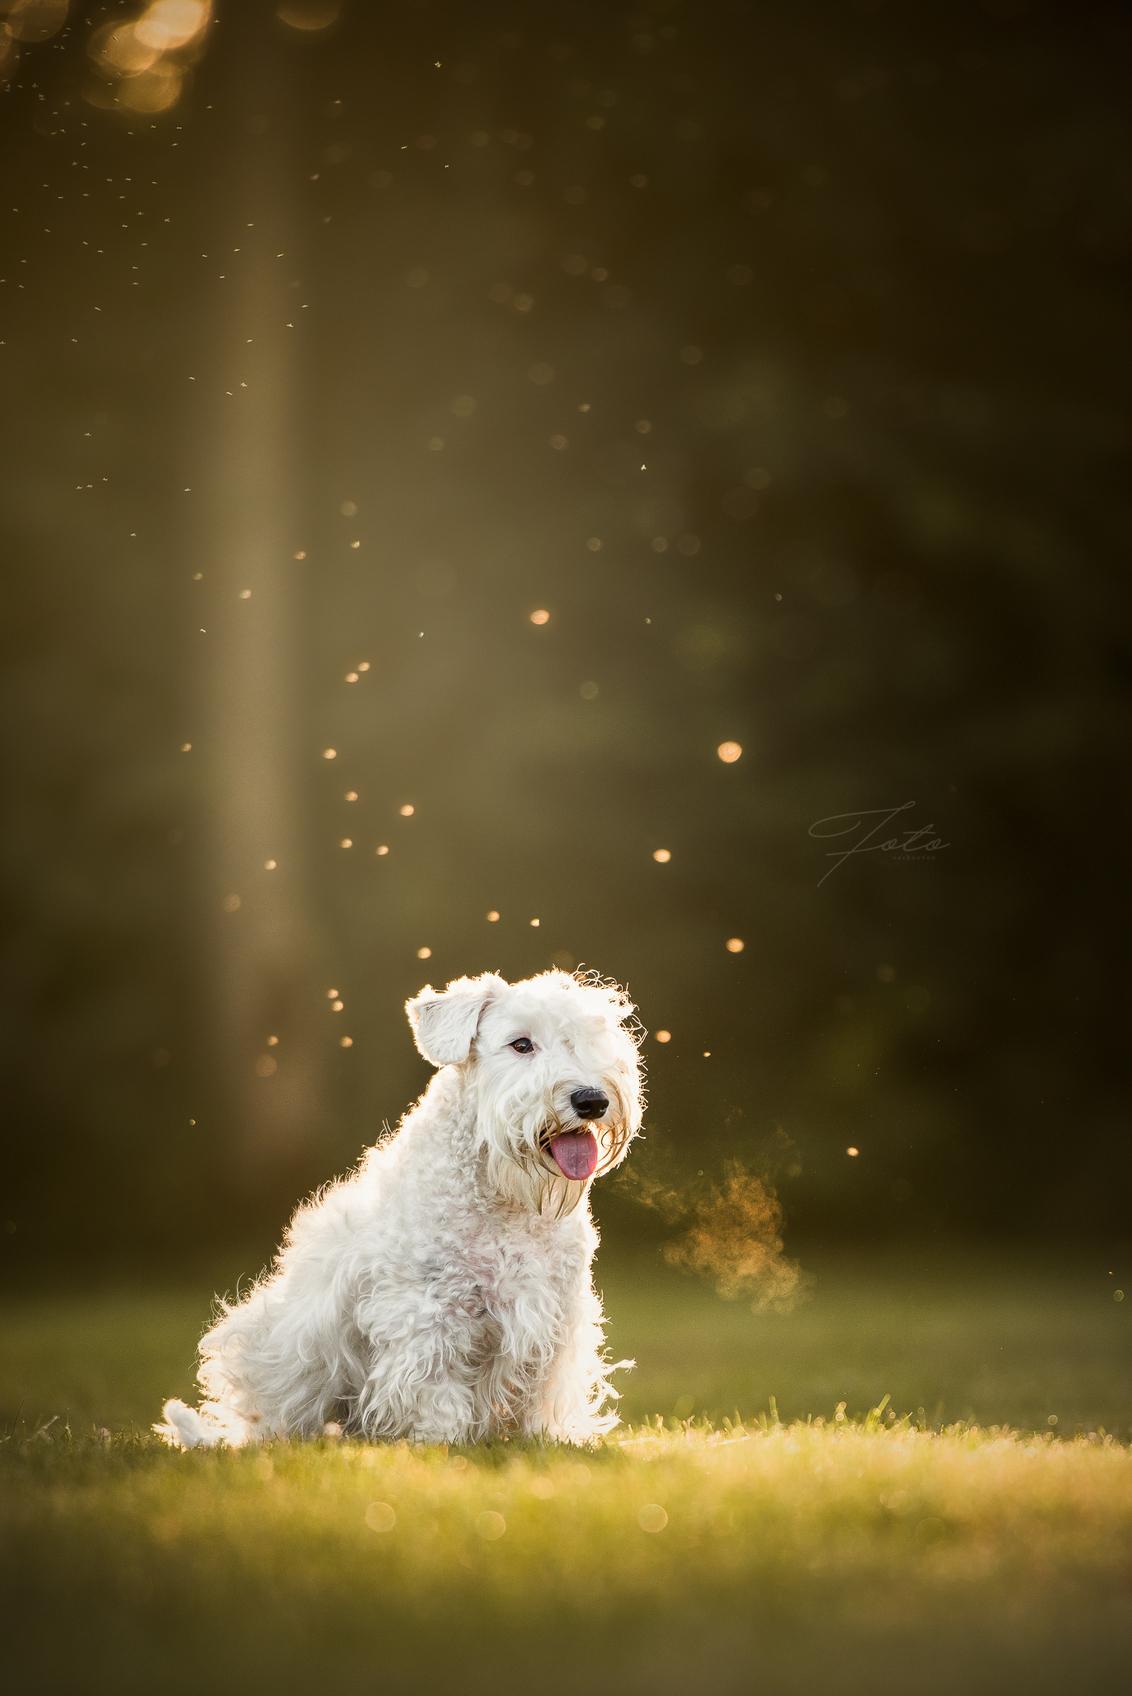 Beau - Mijn favoriete hondenras: de Sealyham terrier. Tegenwoordig vrij zeldzaam maar daardoor zéker niet minder leuk.   Hier Beau in het avondlicht. - foto door HannahV op 20-06-2018 - deze foto bevat: groen, natuur, huisdier, bos, hond, avondlicht, dier